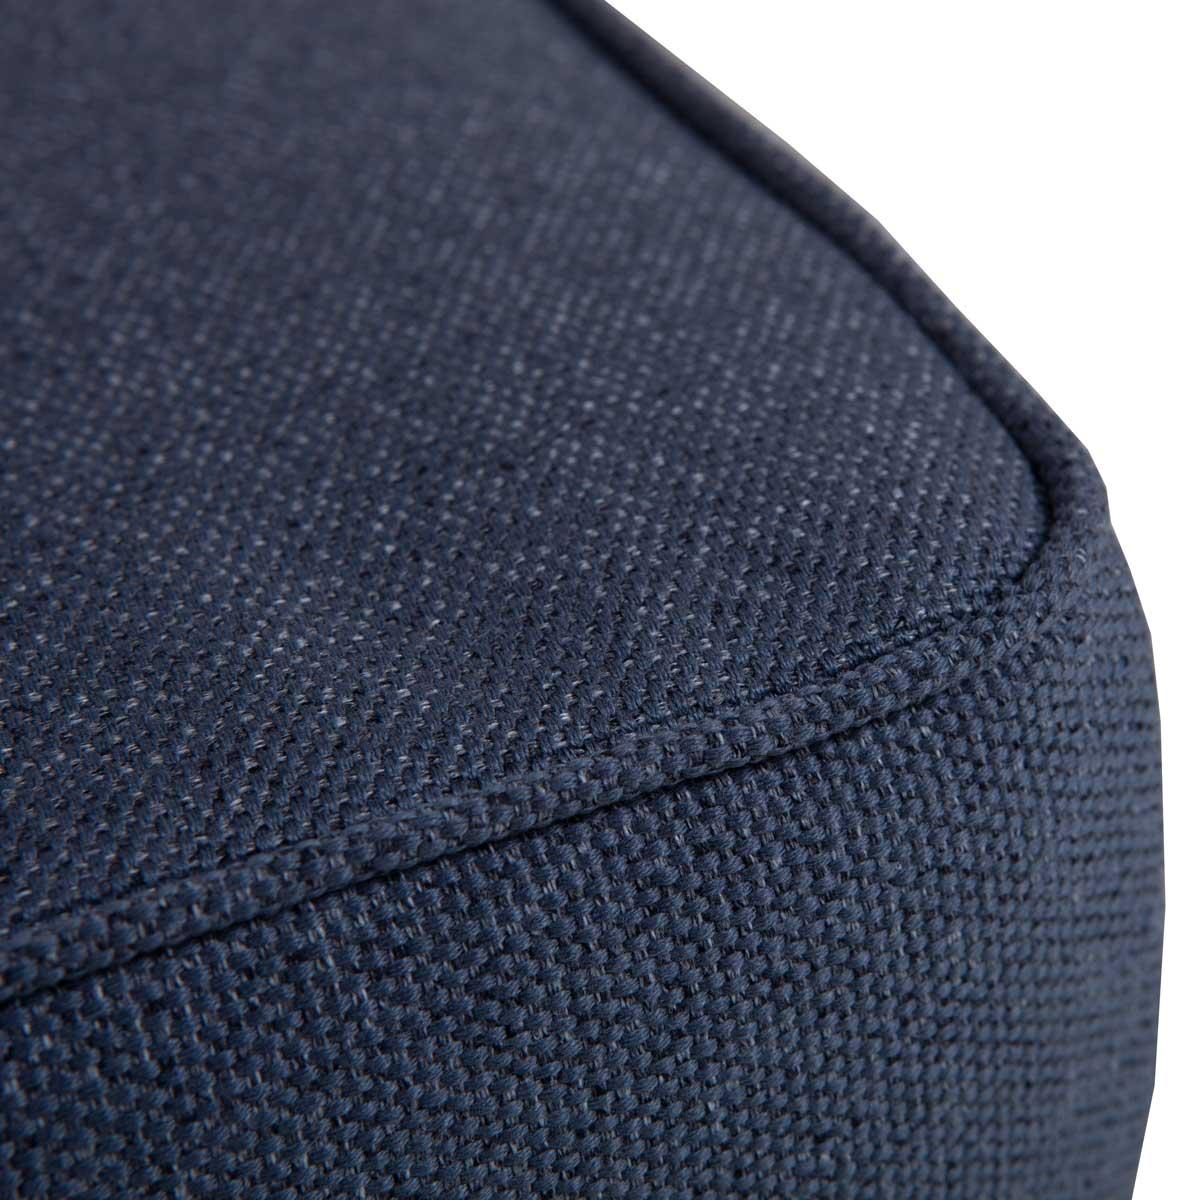 Loungekussen premium zit en rug 73x73 carré Outdoor Manchester denim grey